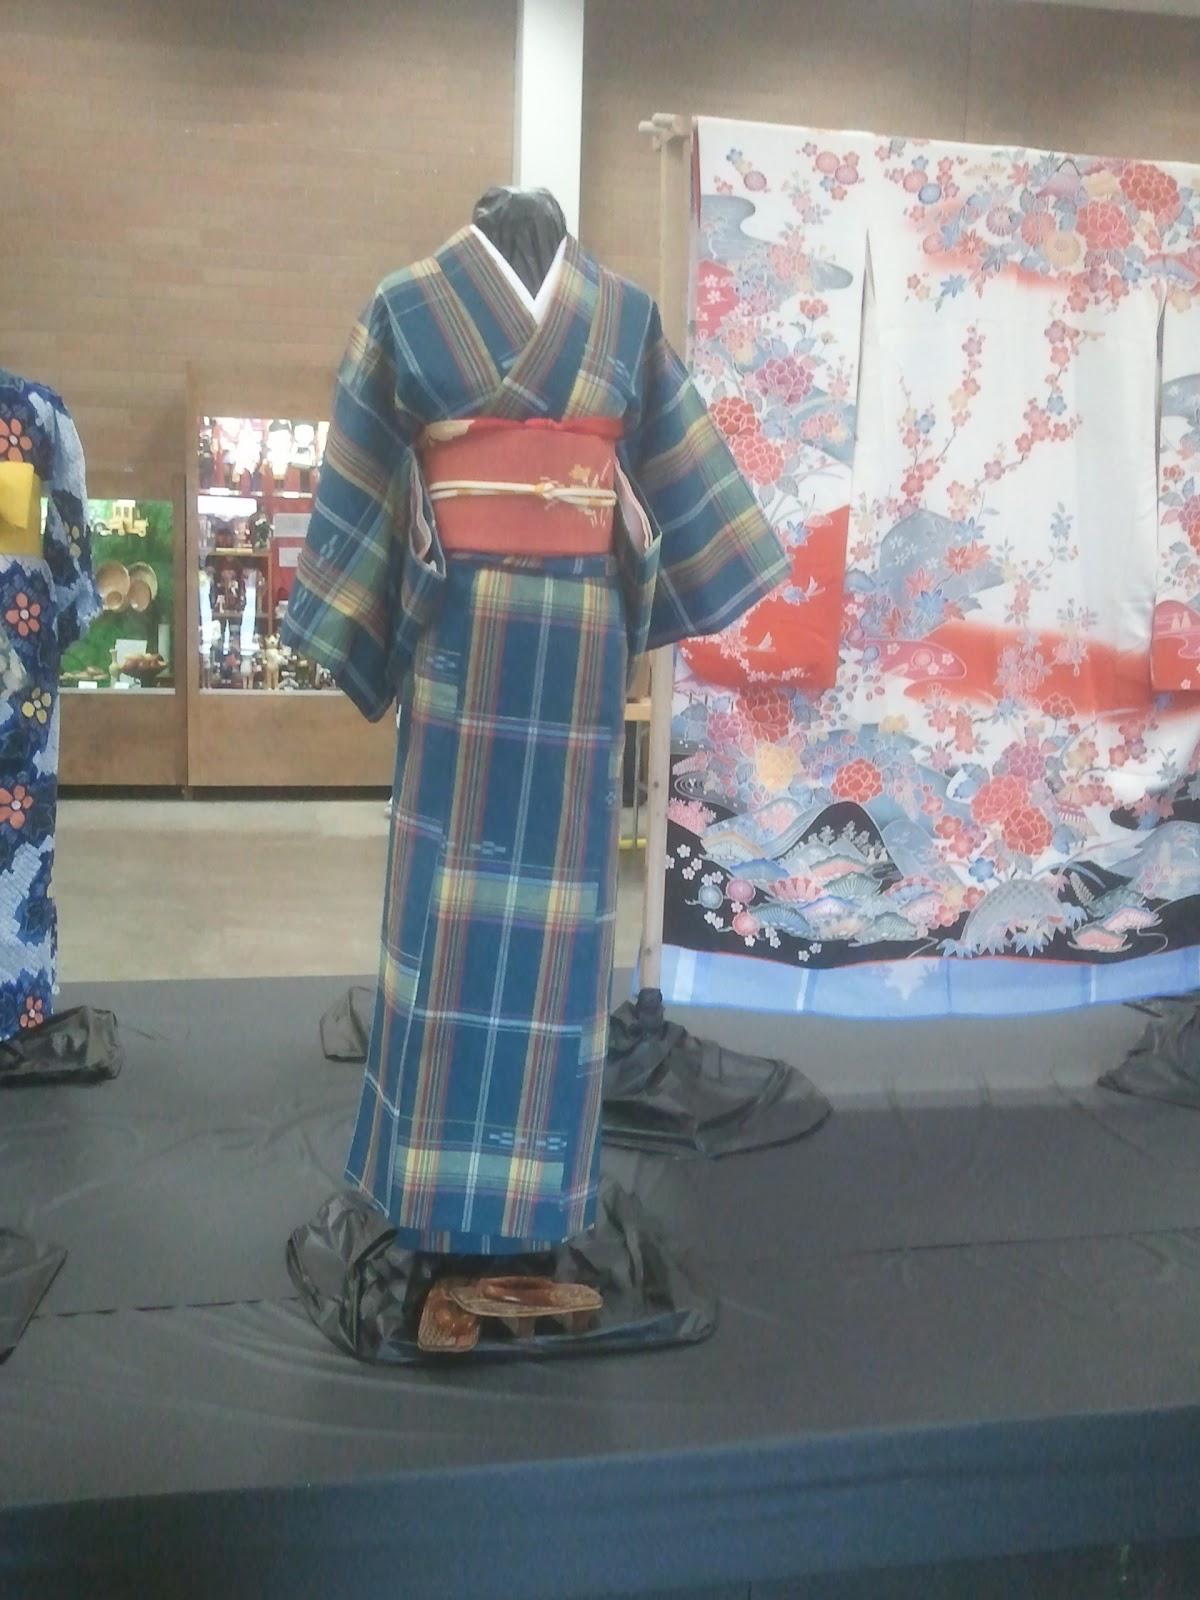 KIMONO LIFE: Kimono Display at the County Fair